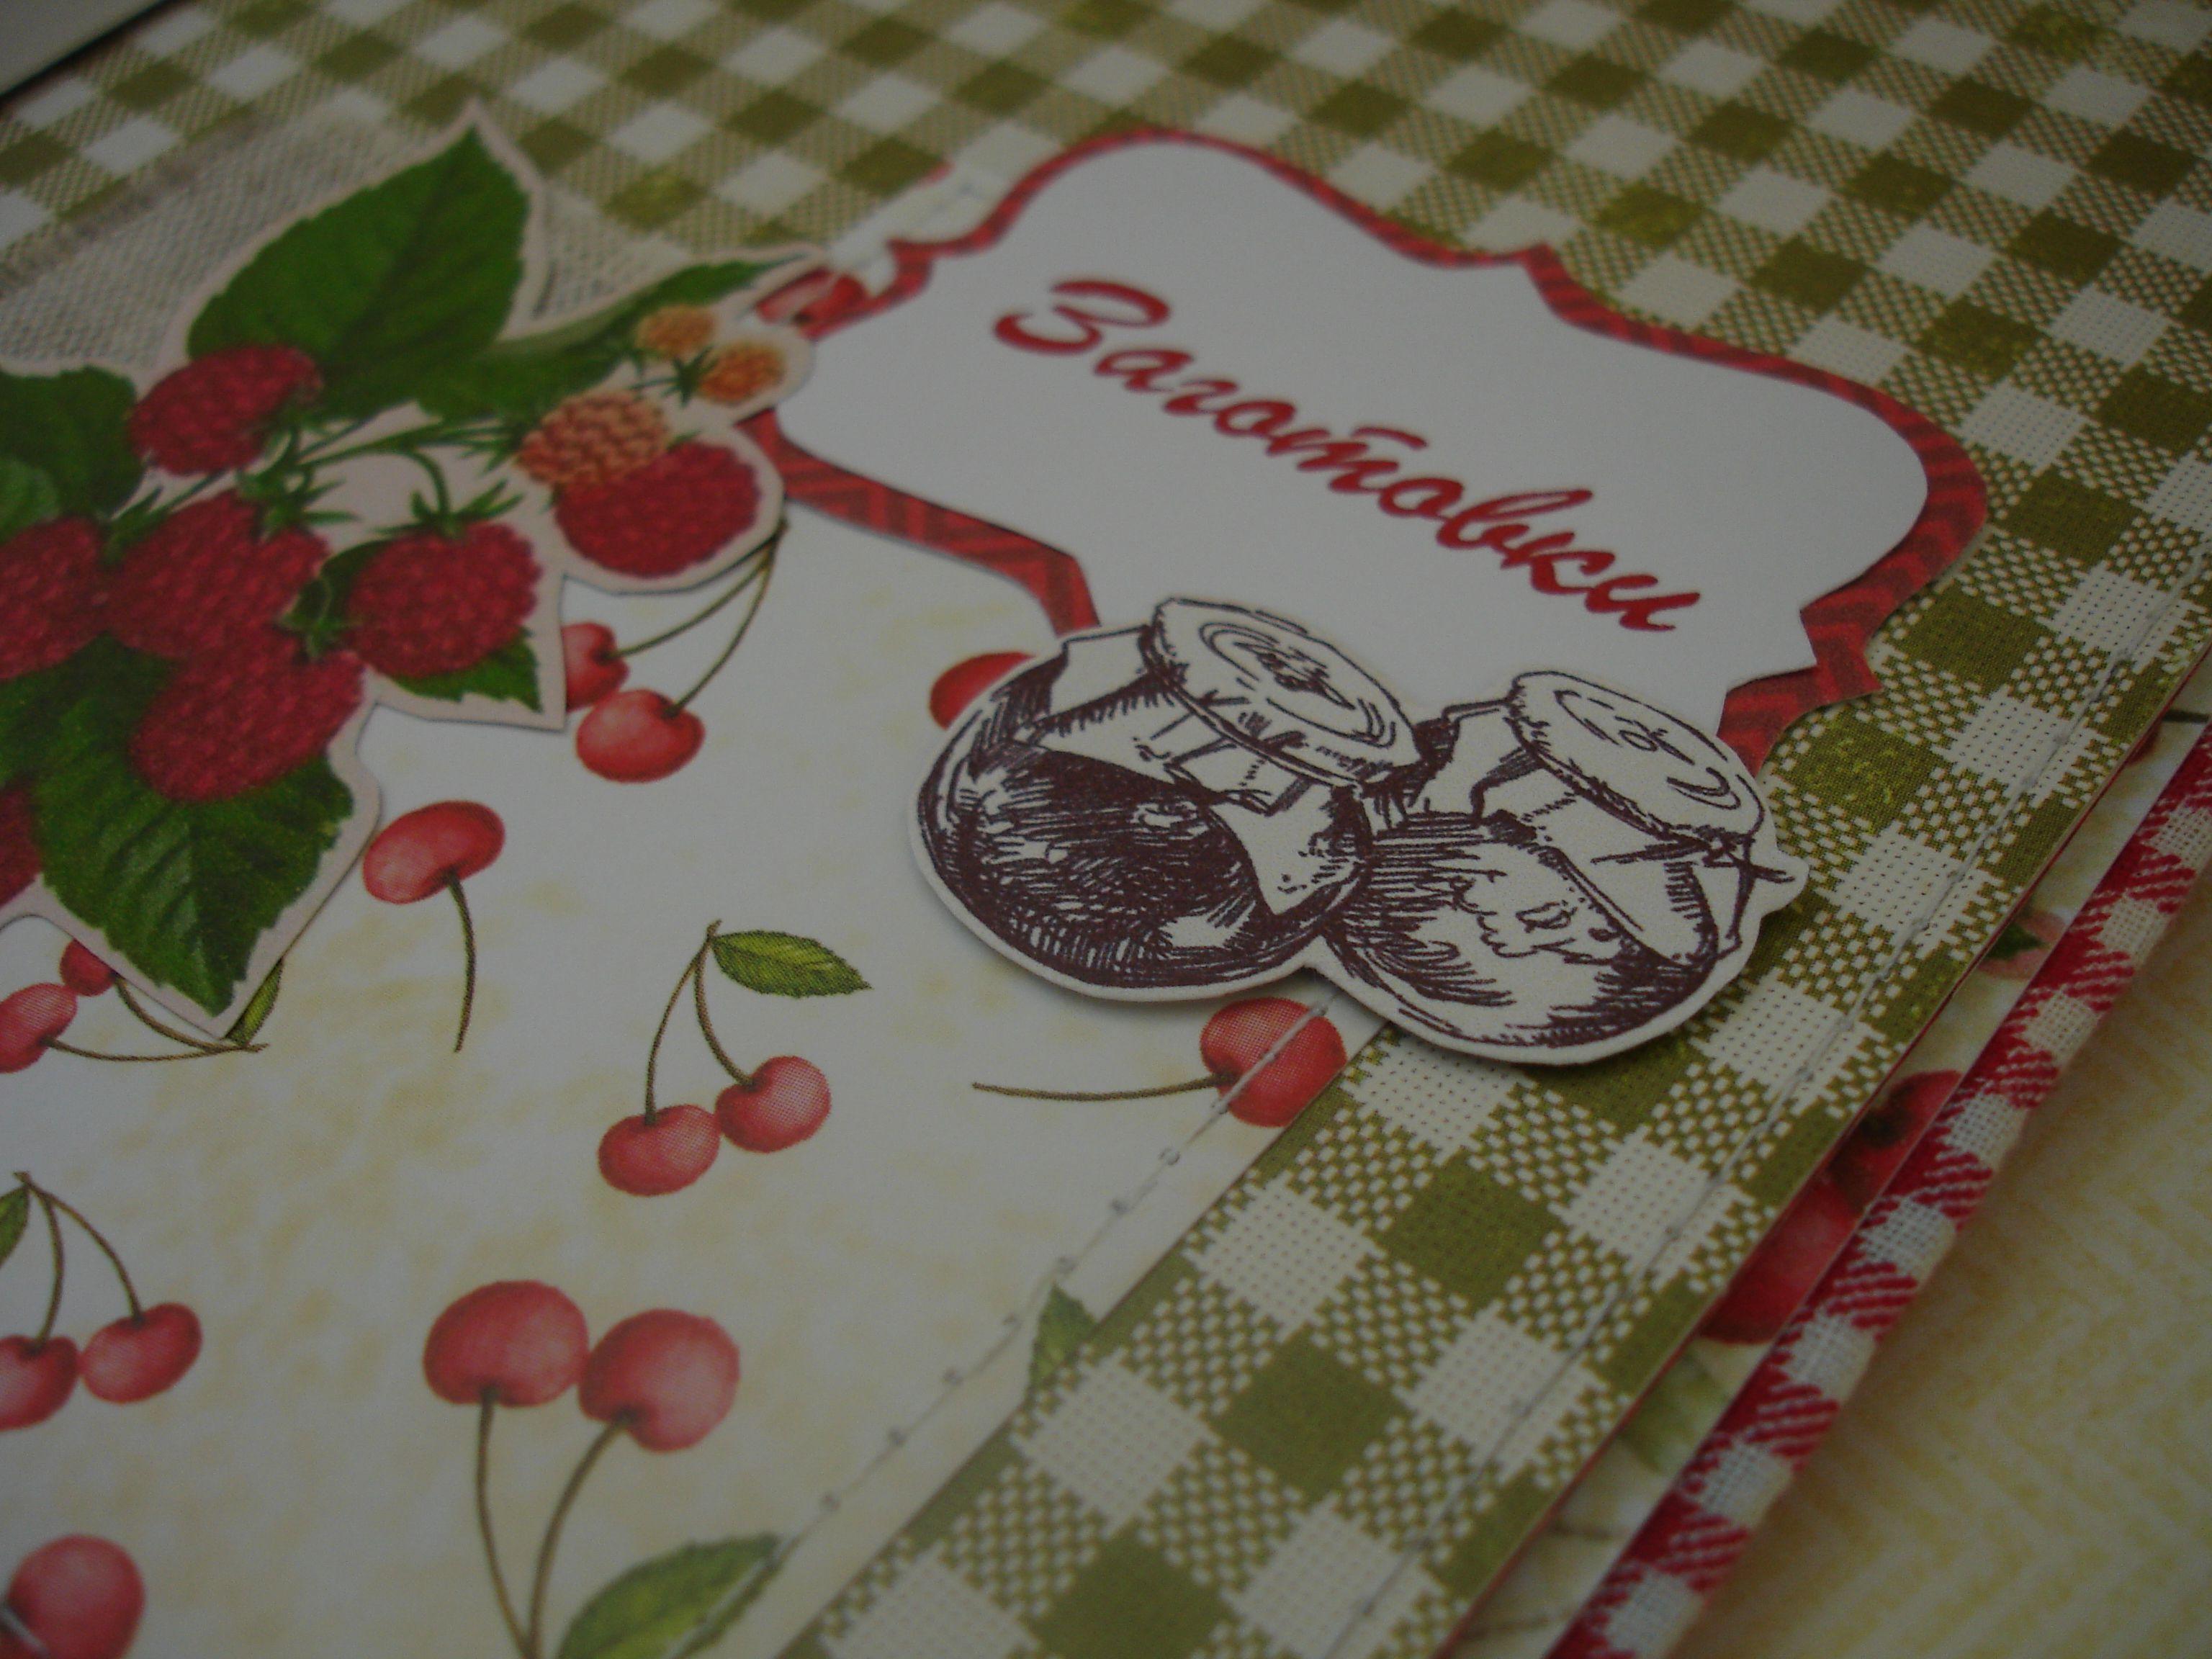 кулинарный книга женщине подарок для яркая красная лето записи кулинарная ягоды блокнот рецептов